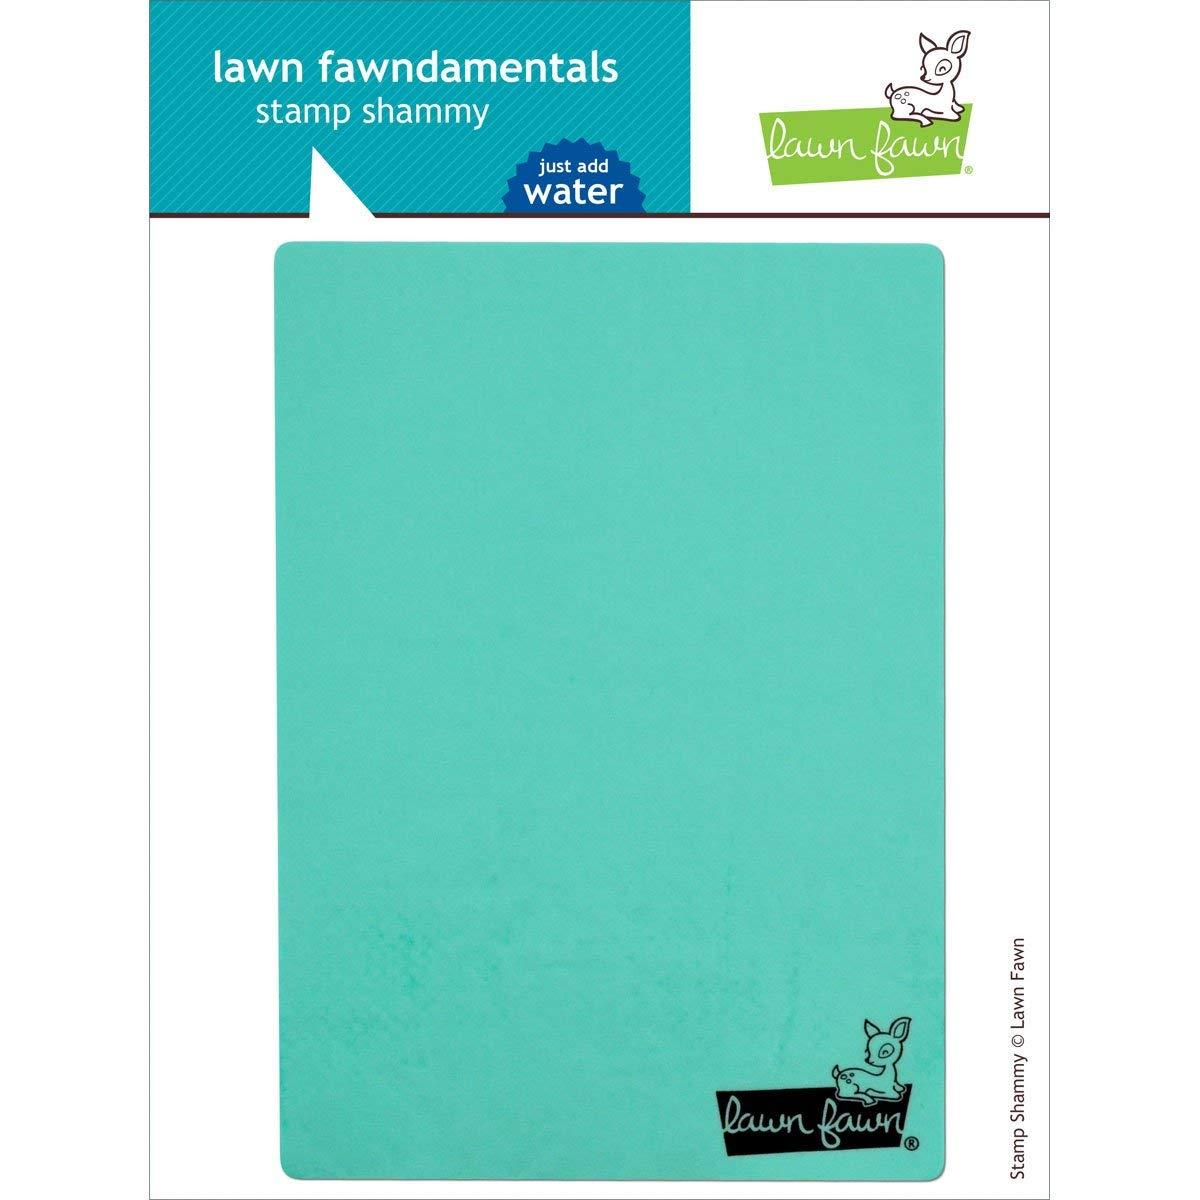 Lawn Fawn Fawndamentals Stamp Shammy Lf1045